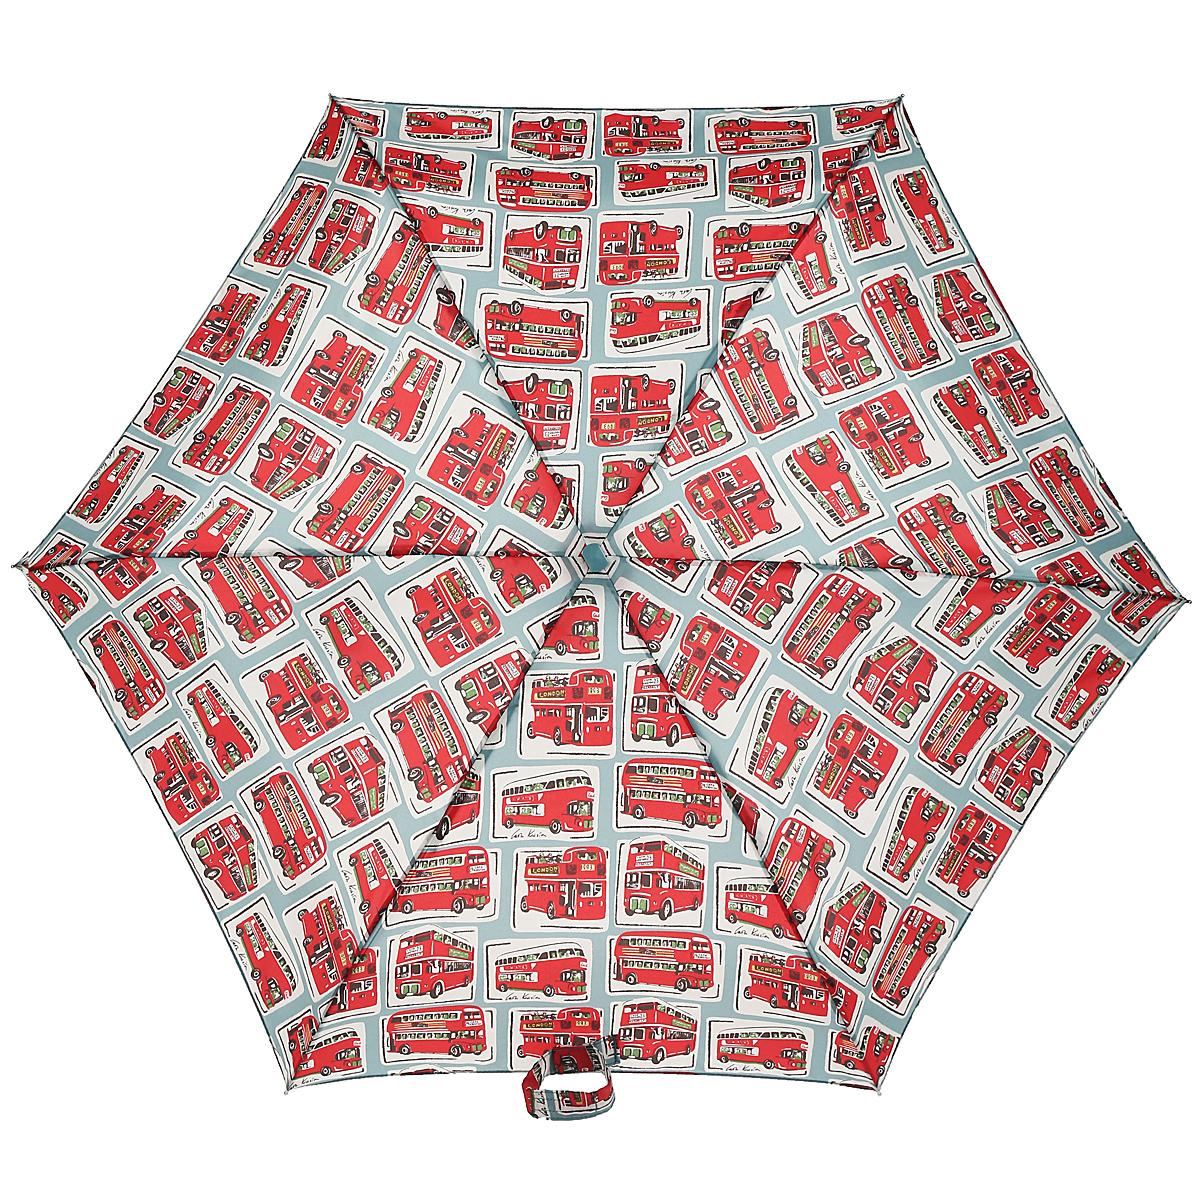 Зонт женский Fulton Cath Kidston: Tiny-2, механический, 5 сложений, цвет: серый, красный. L521-2843L521-2843Оригинальный механический зонт Fulton Cath Kidston: Tiny-2 с интересным дизайном произведен из высококачественных материалов. Каркас зонта изготовлен из шести алюминиевых спиц, стержня и ручки из дерева. Рукоятка зонта для удобства оснащена шнурком, позволяющим при необходимости надеть зонт на руку. Купол зонтика выполнен из полиэстера и оформлен изображением множества автобусов. Закрытый купол фиксируется хлястиком на липучке. Зонт механического сложения: купол открывается и закрывается вручную до характерного щелчка. Благодаря необыкновенно компактным размерам зонта в сложенном виде, его с легкостью можно поместить в маленькой сумочке. Зонт поставляется в чехле. Женский зонт Fulton Cath Kidston: Tiny-2 станет для вас необходимым аксессуаром в ненастную погоду.